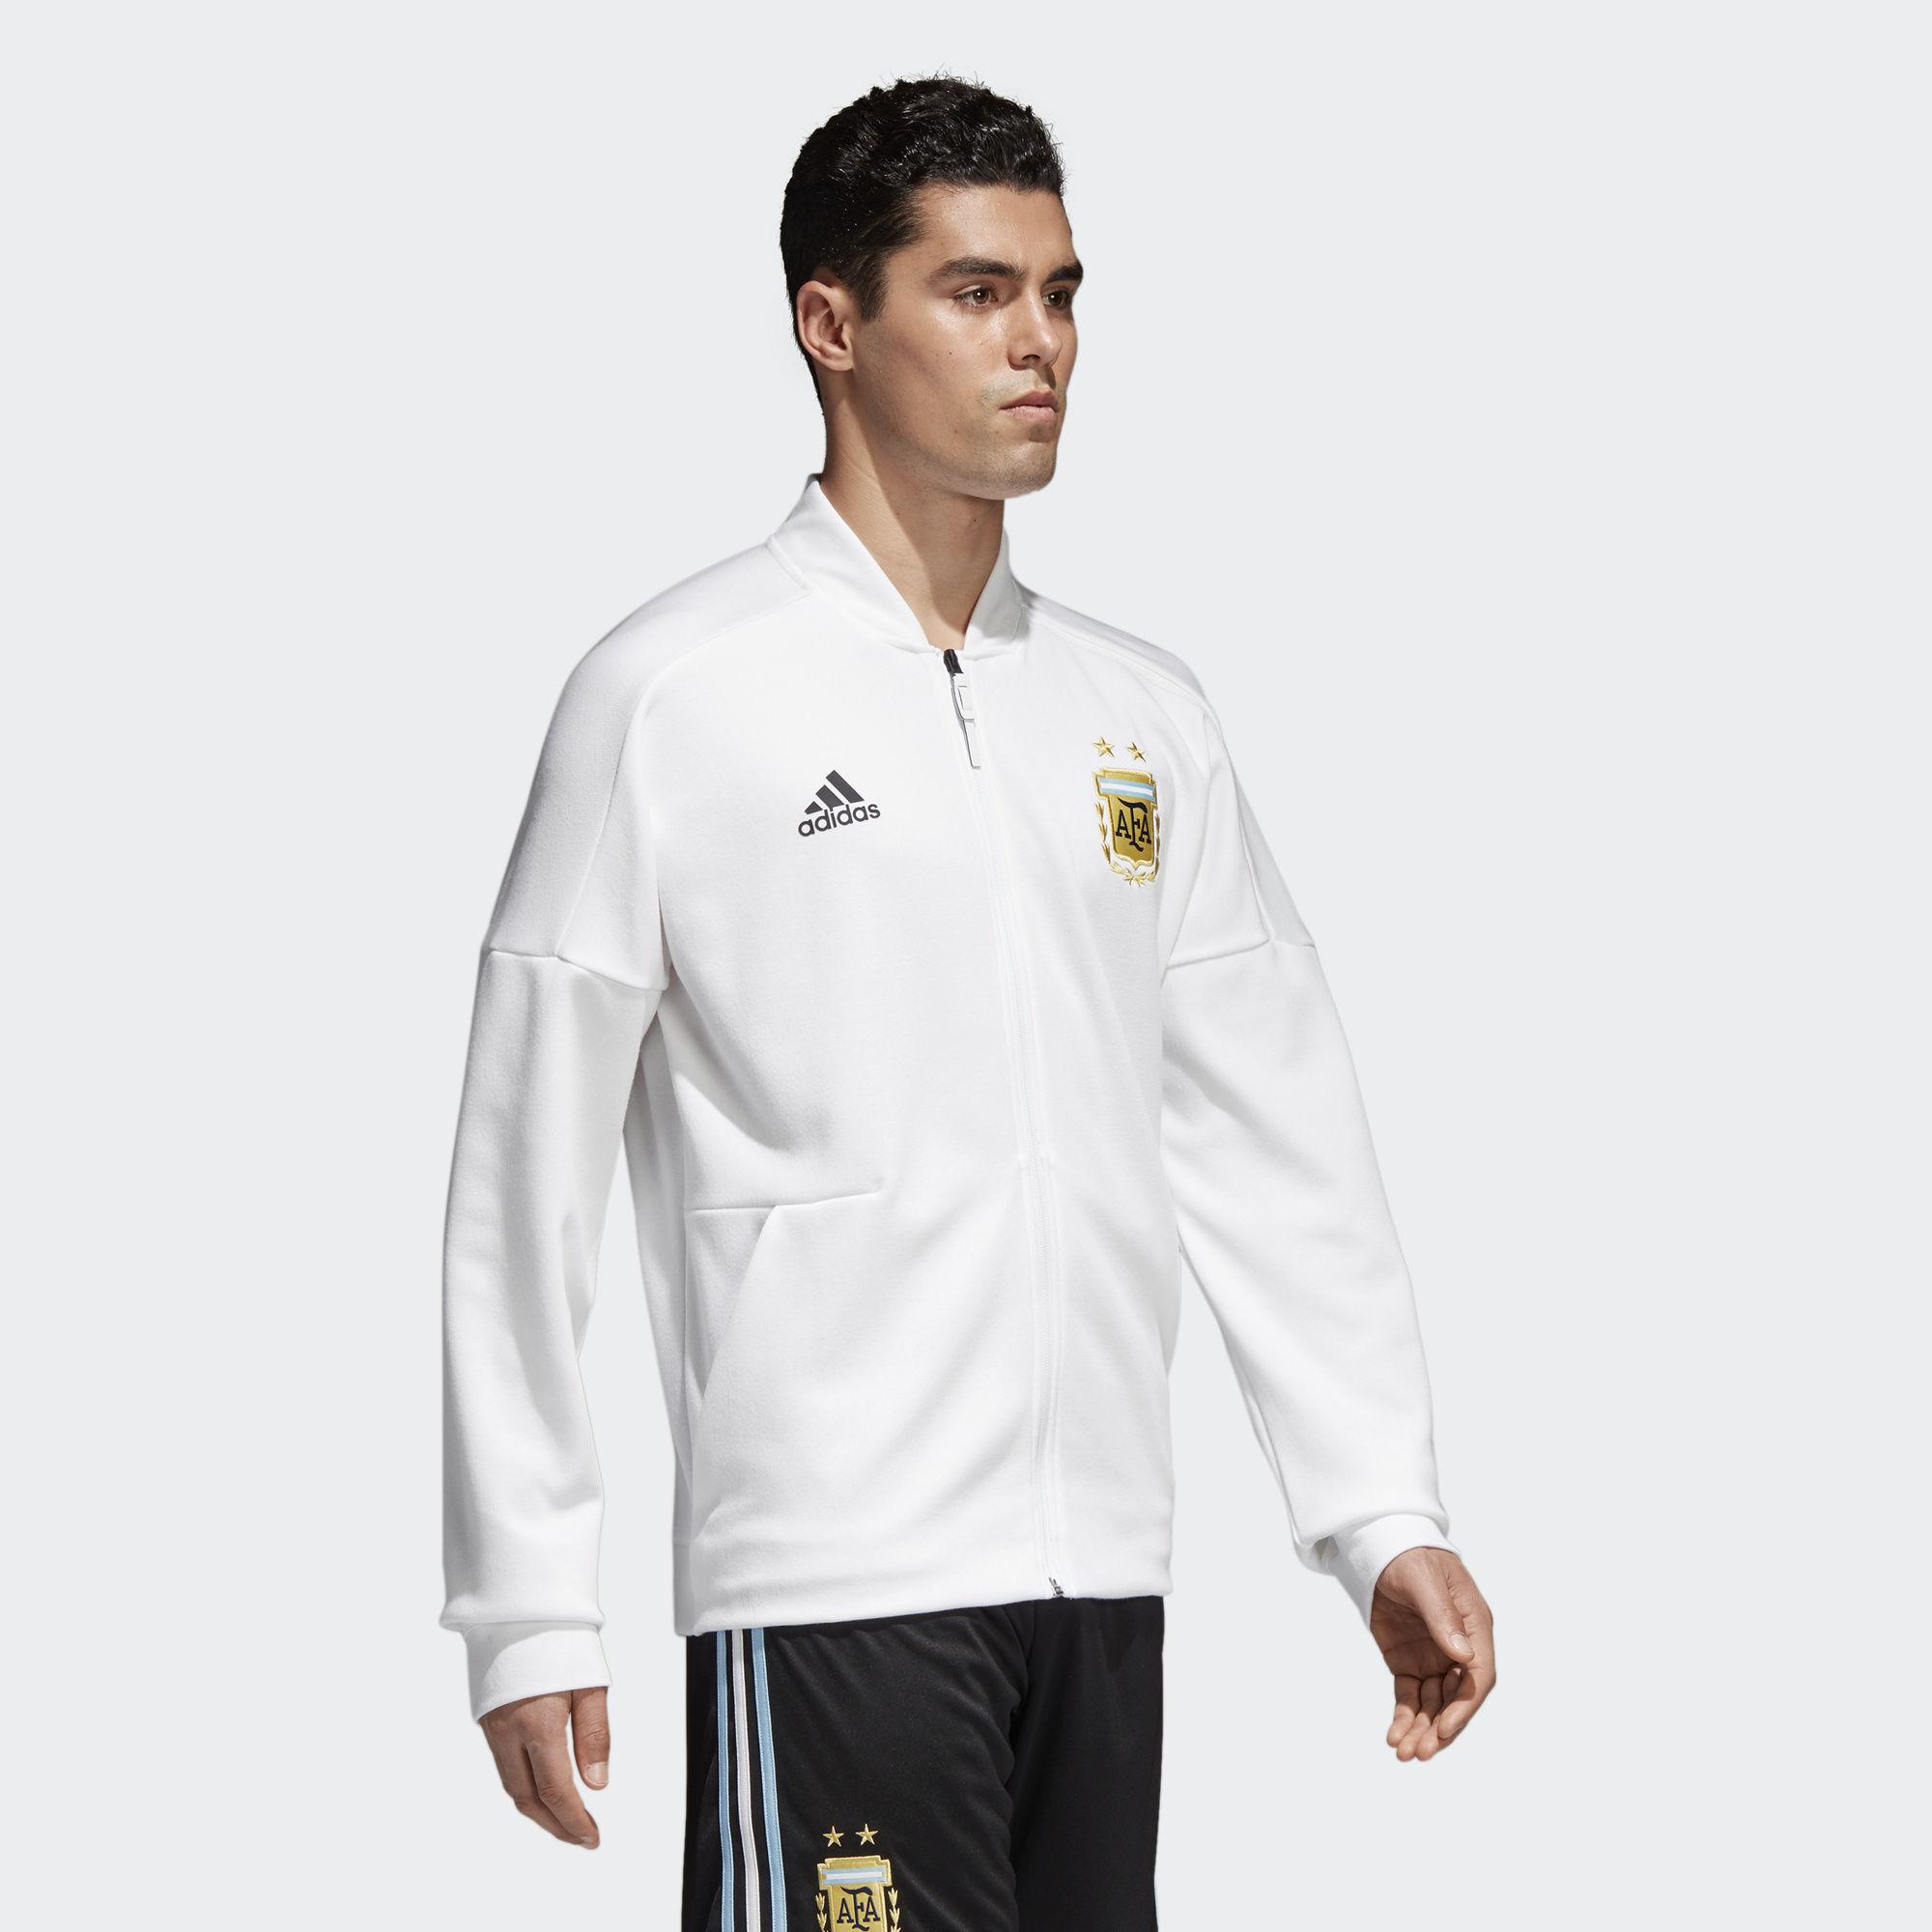 Image Result For Futbol Emotion Argentina